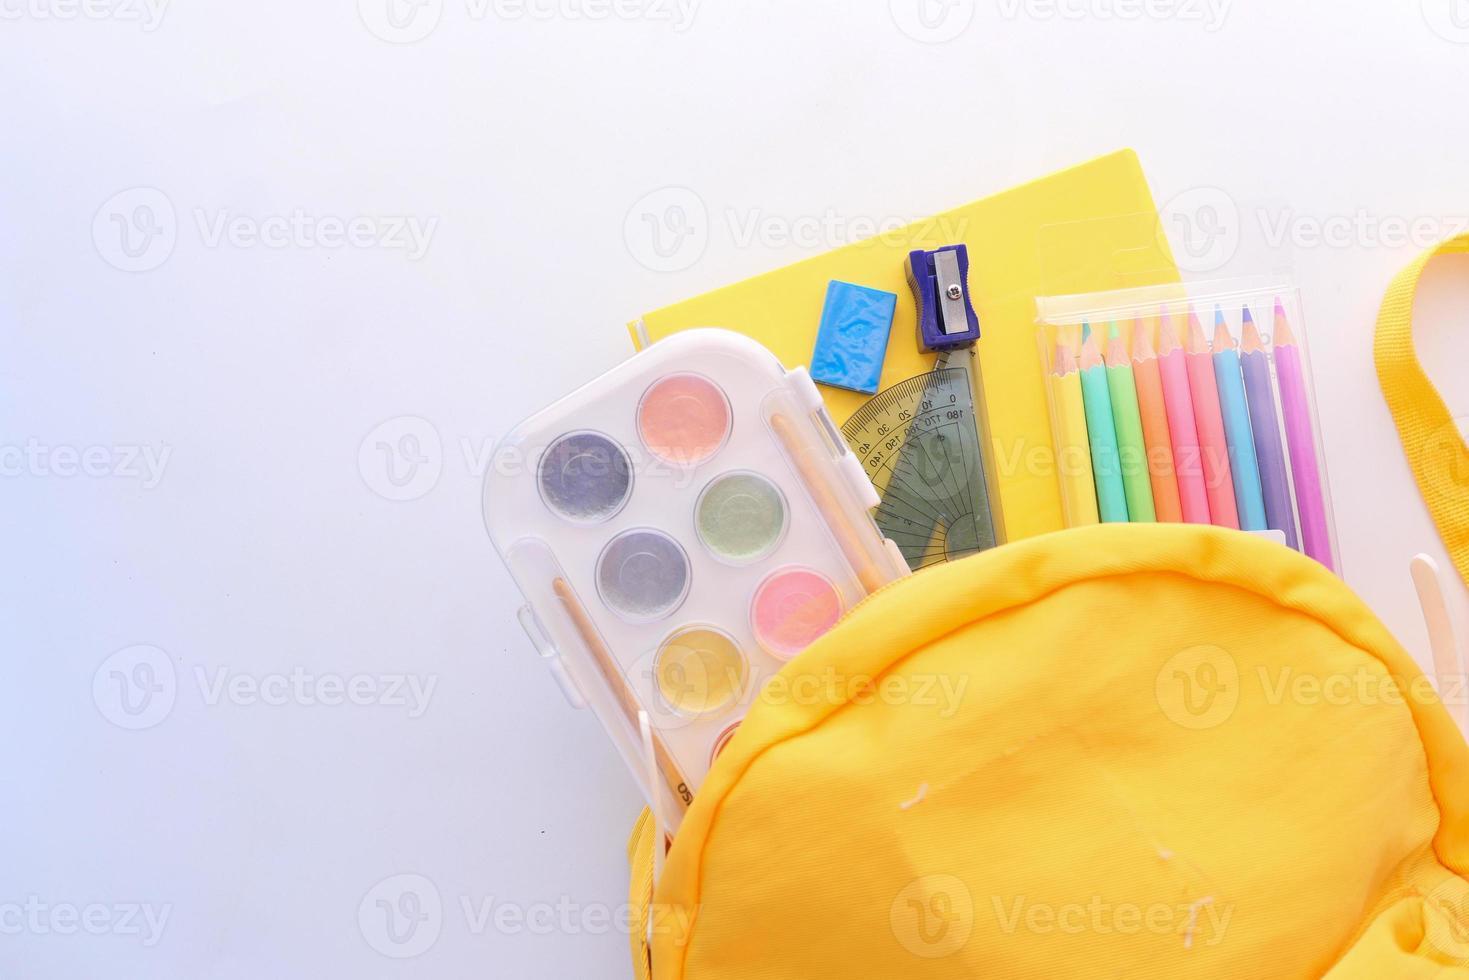 Mochila amarilla y útiles escolares sobre fondo blanco. foto